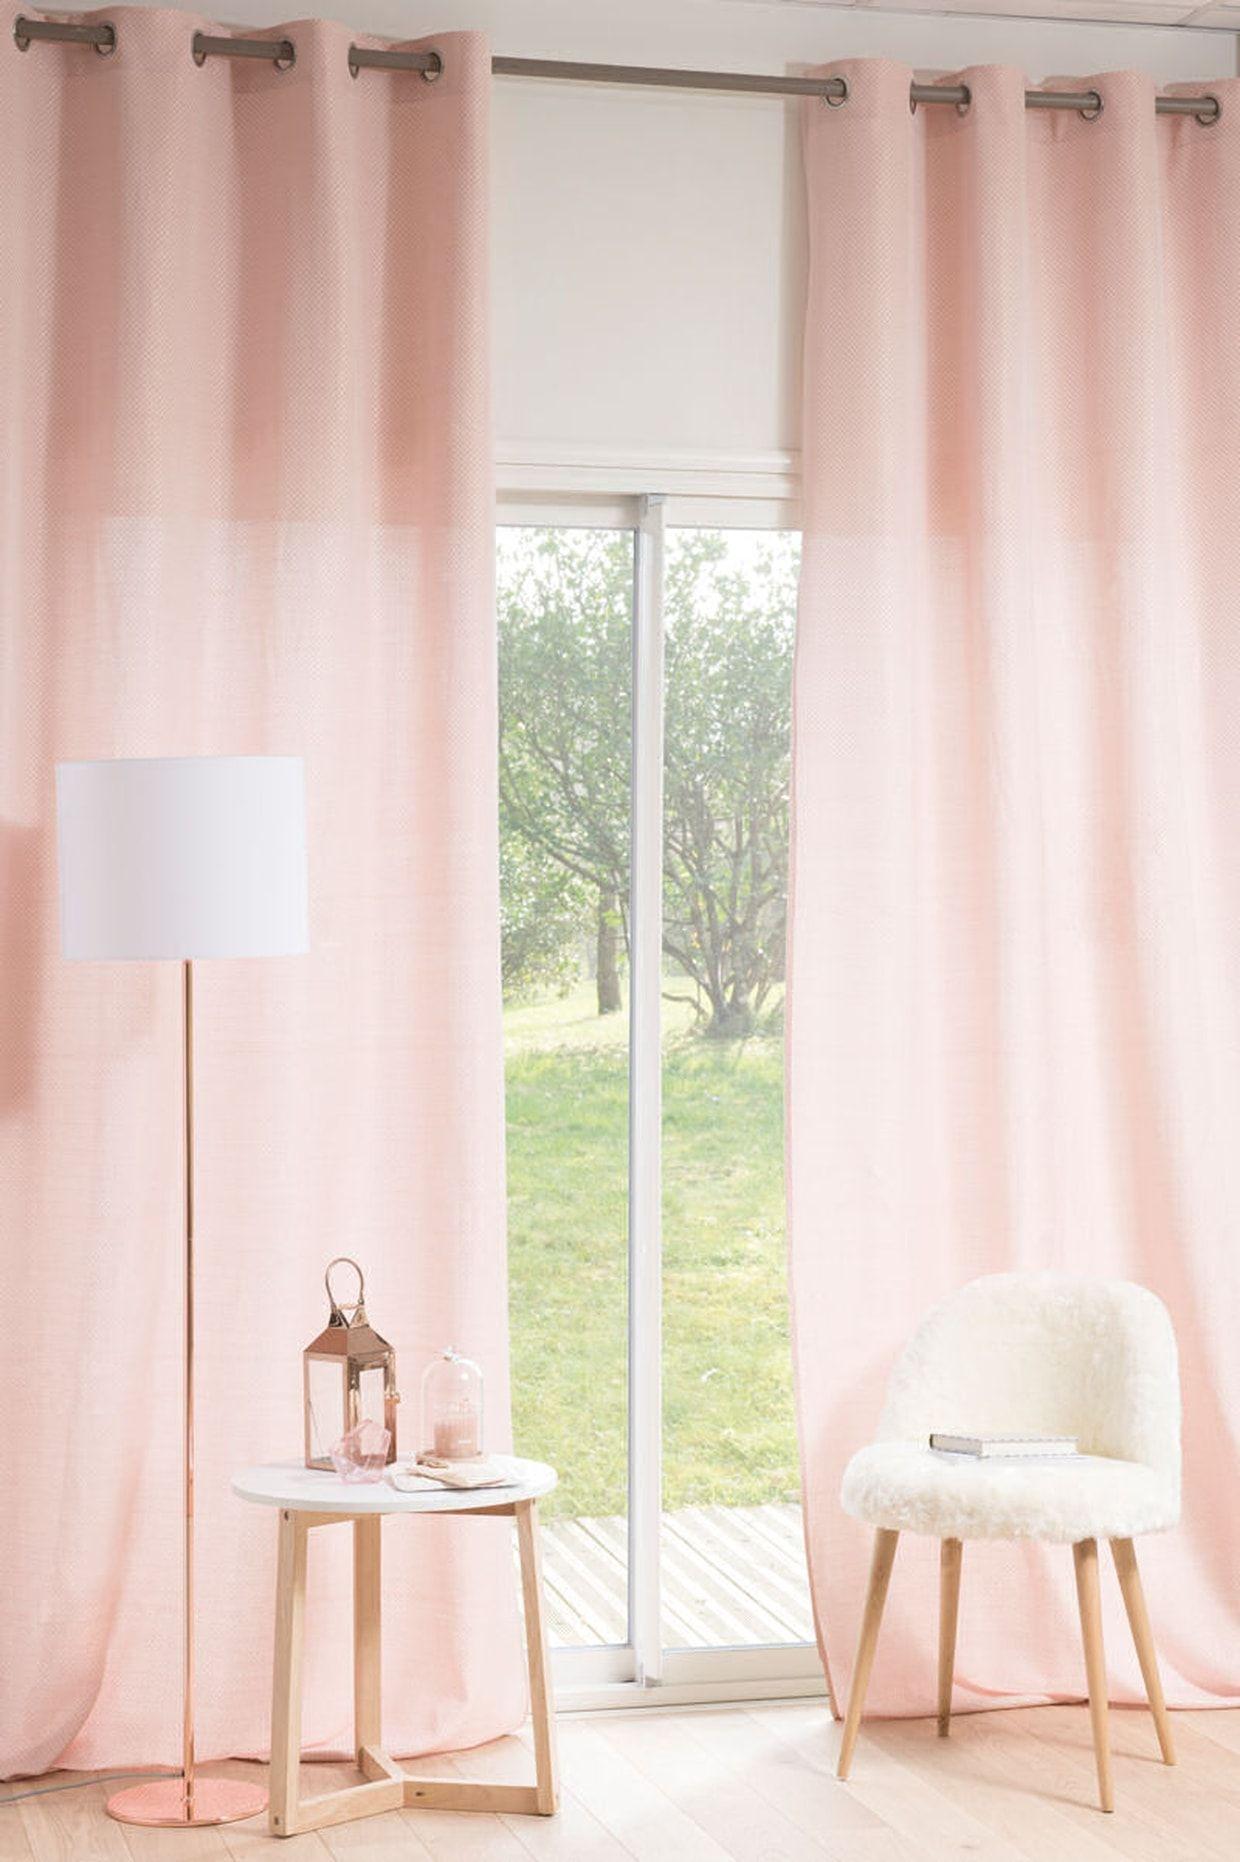 des rideaux rose poudr salon de 2019 pinterest. Black Bedroom Furniture Sets. Home Design Ideas